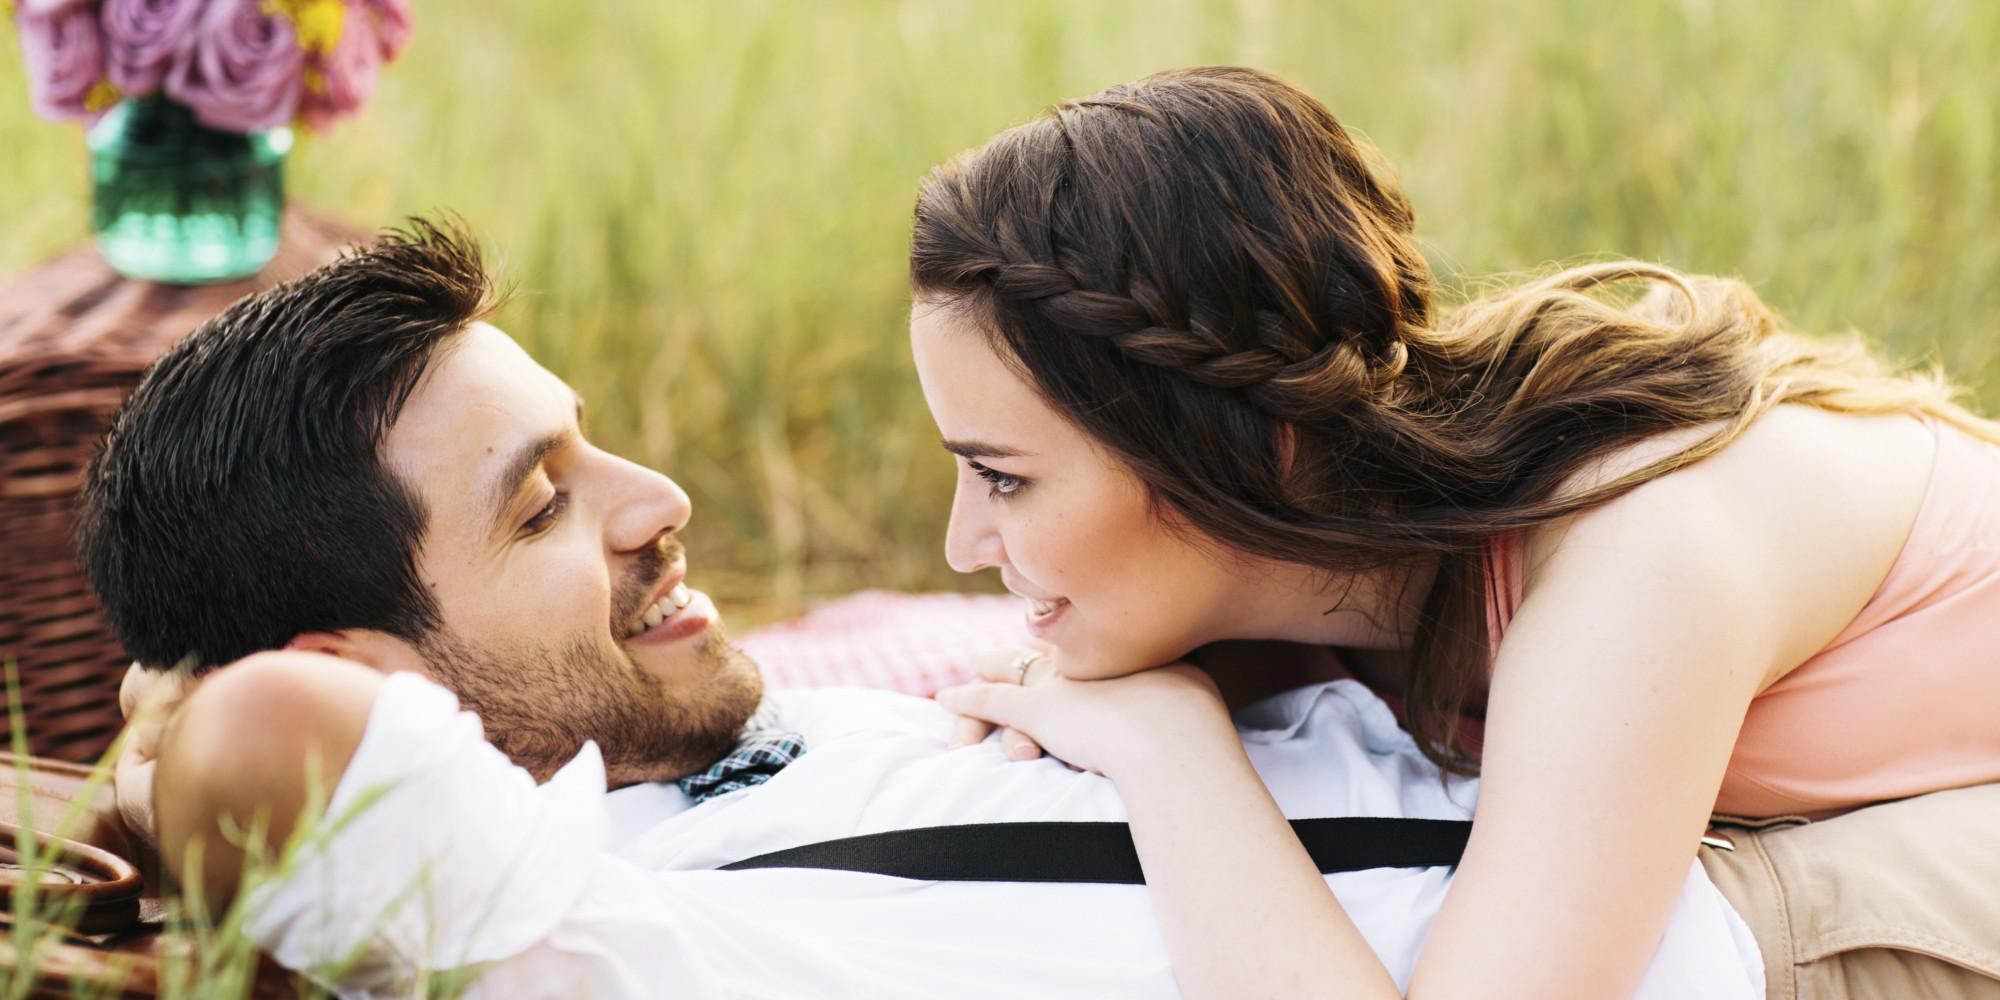 ютуб любимой женой